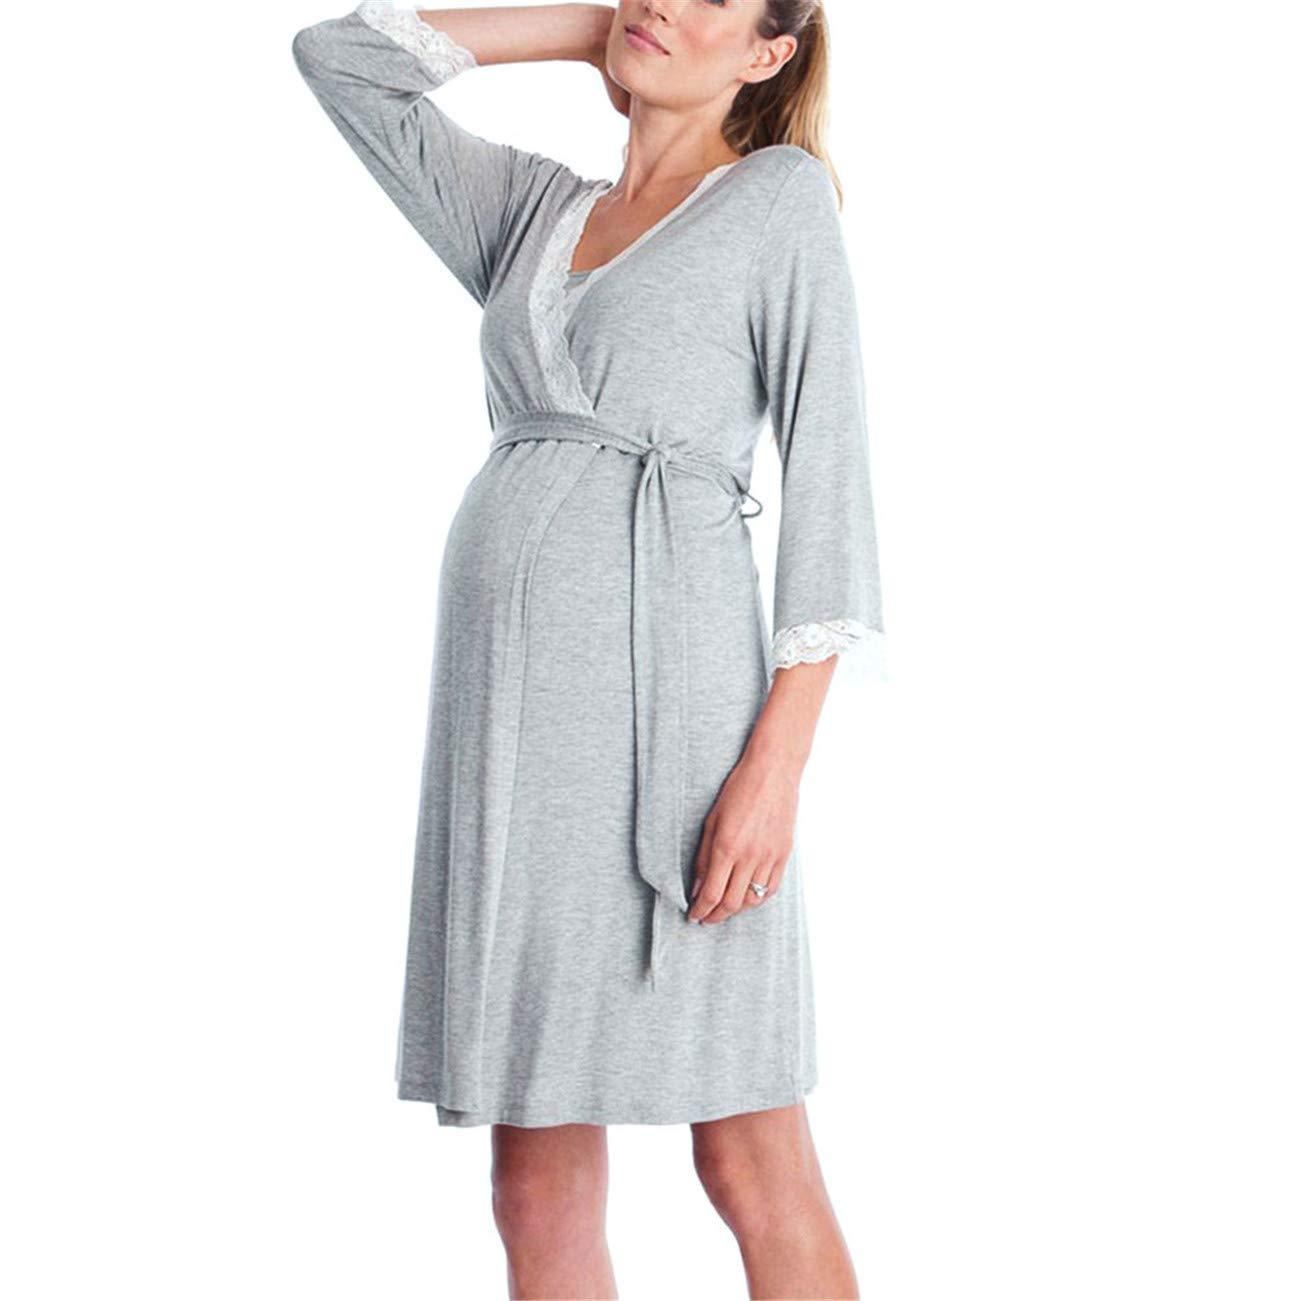 Premam/á Invierno Leggins Abrigos Encaje para Mujer Embarazadas Beb/é Informal De Lactancia para Maternidad Pijamas Vestido De Noche Rob